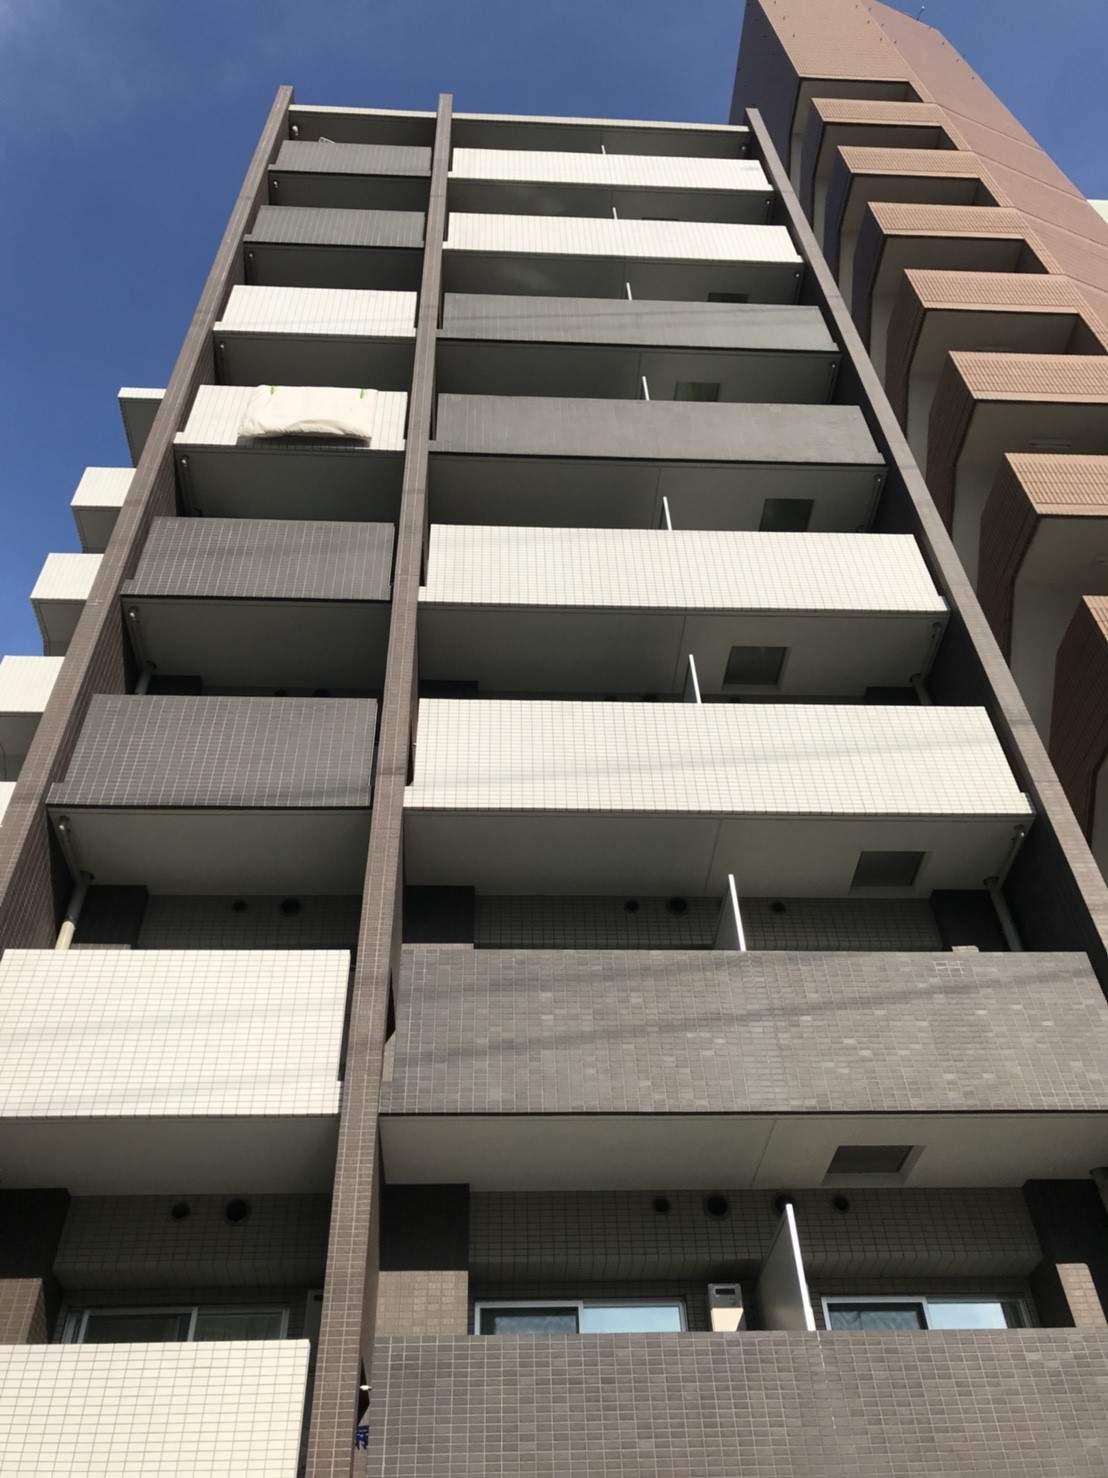 神奈川県川崎市川崎区、川崎駅徒歩10分の築1年 12階建の賃貸マンション